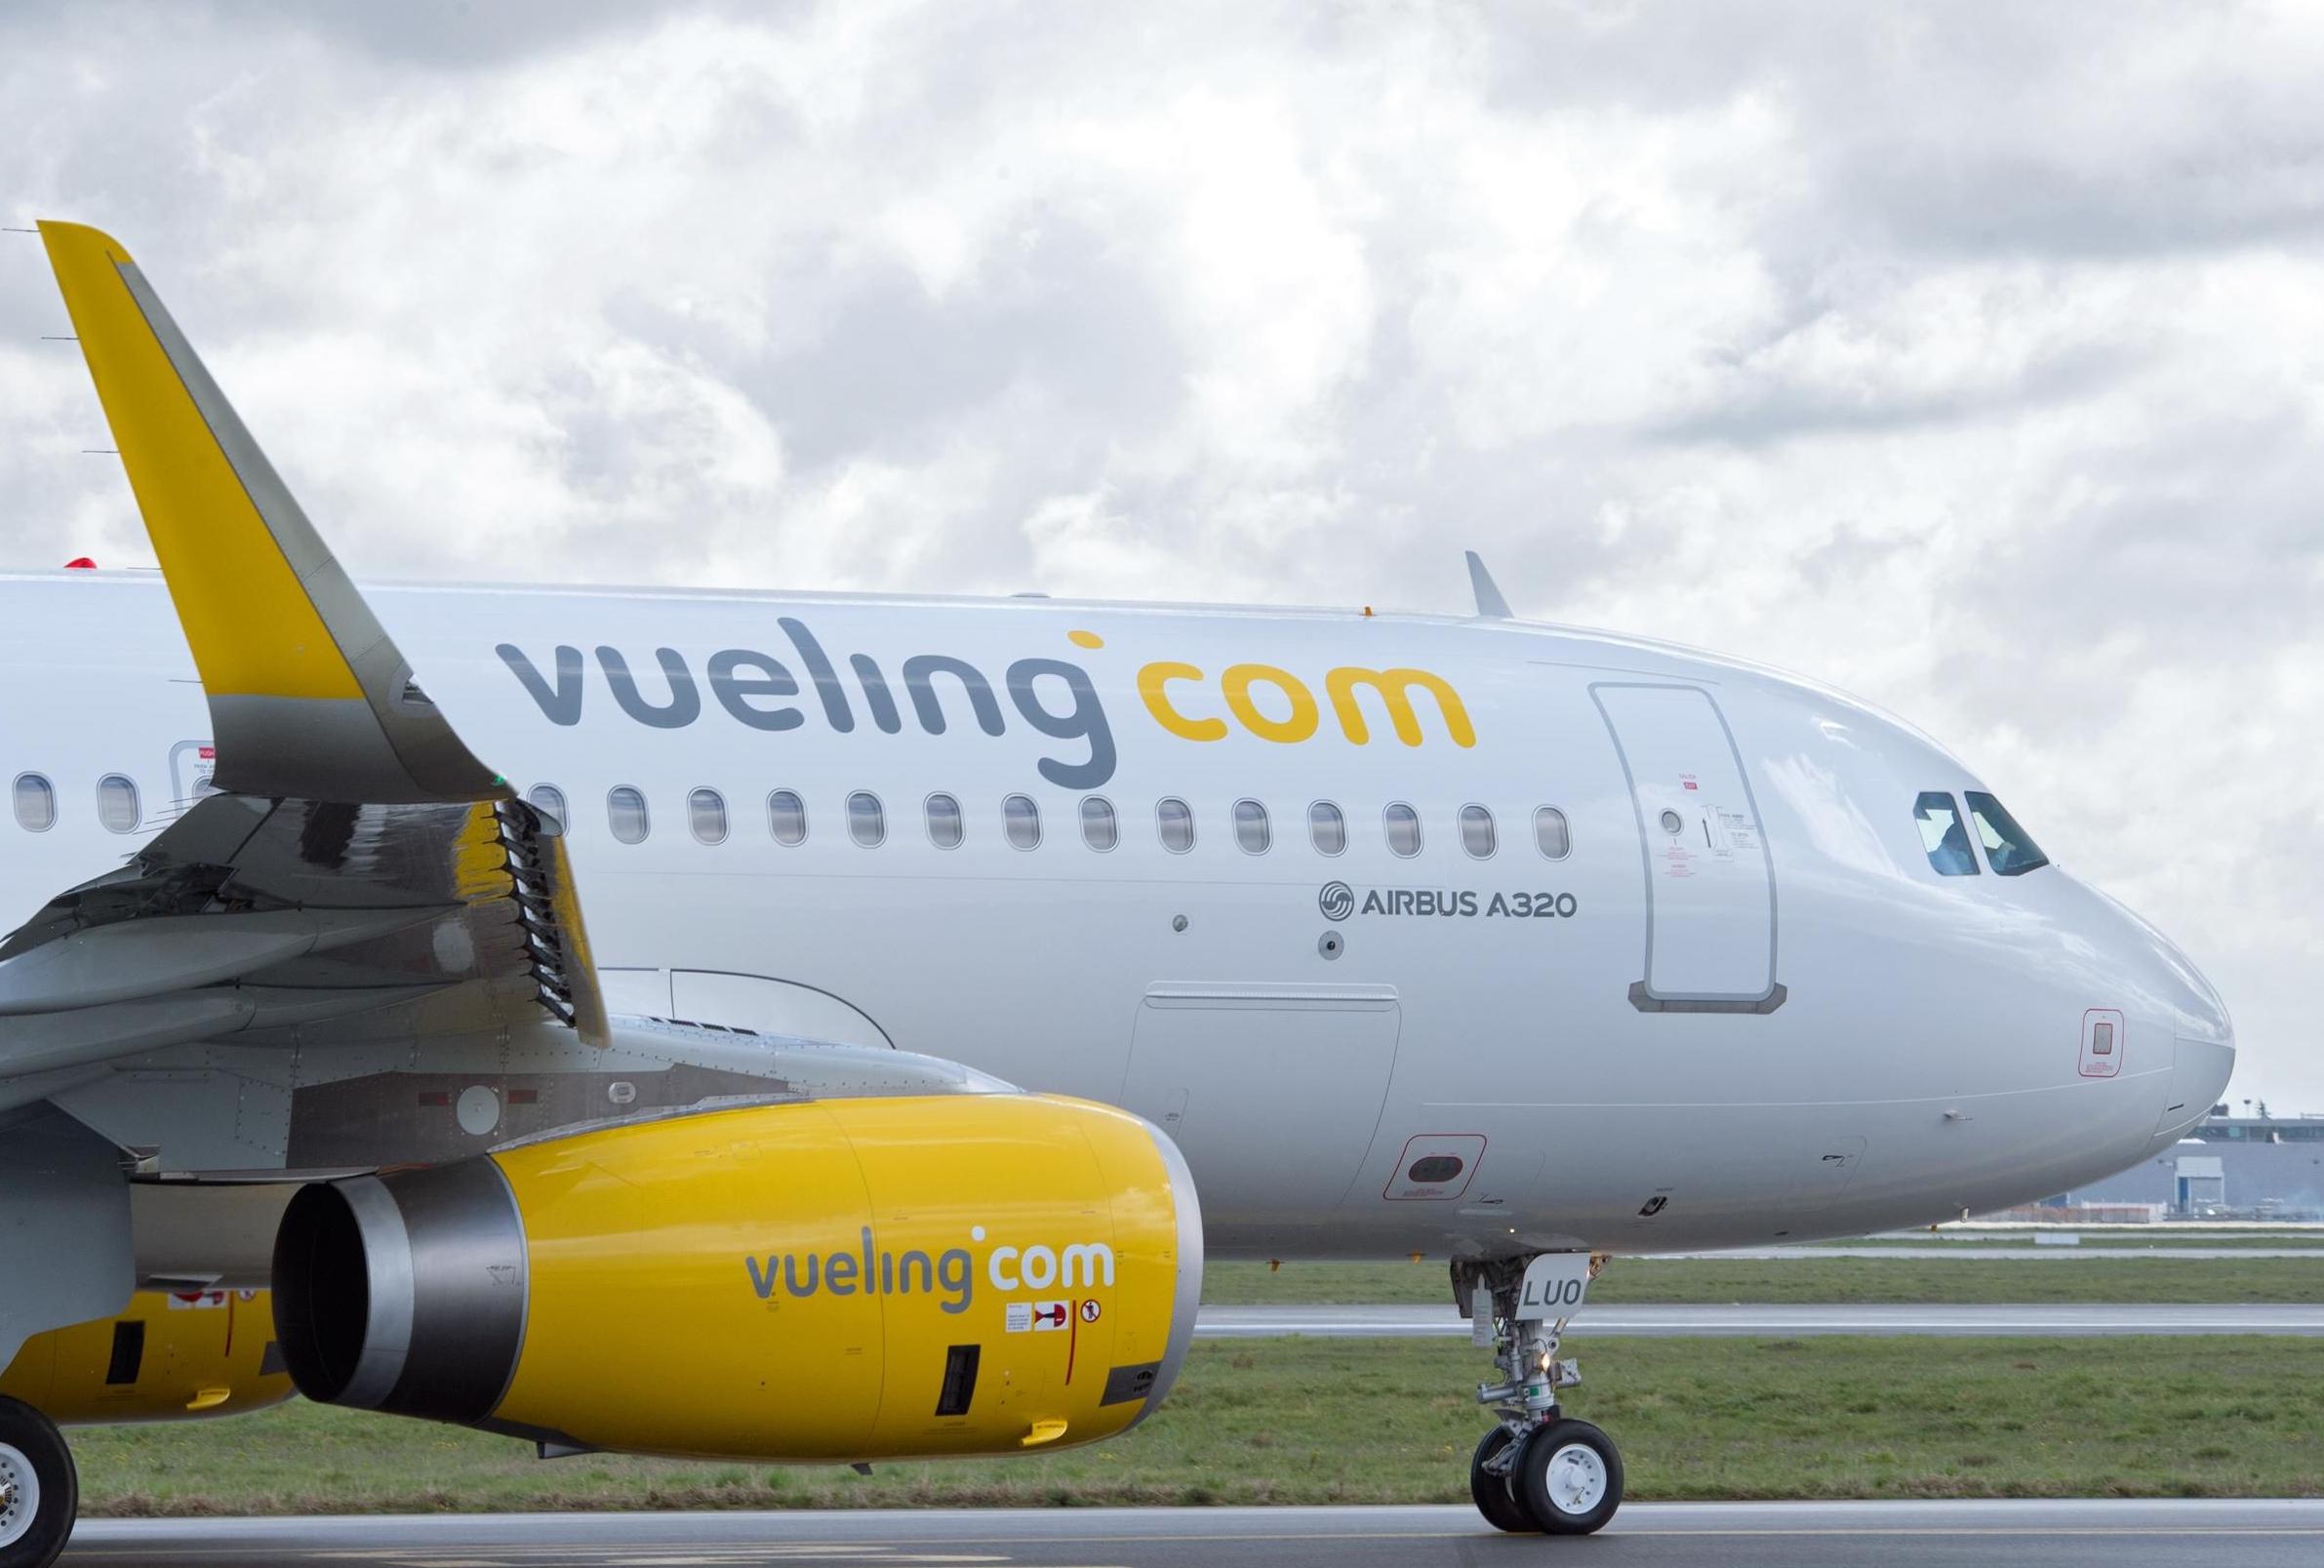 Det spanske flyselskab Vueling har 27. august møde i Københavns Lufthavn med fogedretten fra Københavns Byret i en inkassosag, fordi det ikke vil betale bøder for forsinkelser. Arkivfoto fra Airbus.com